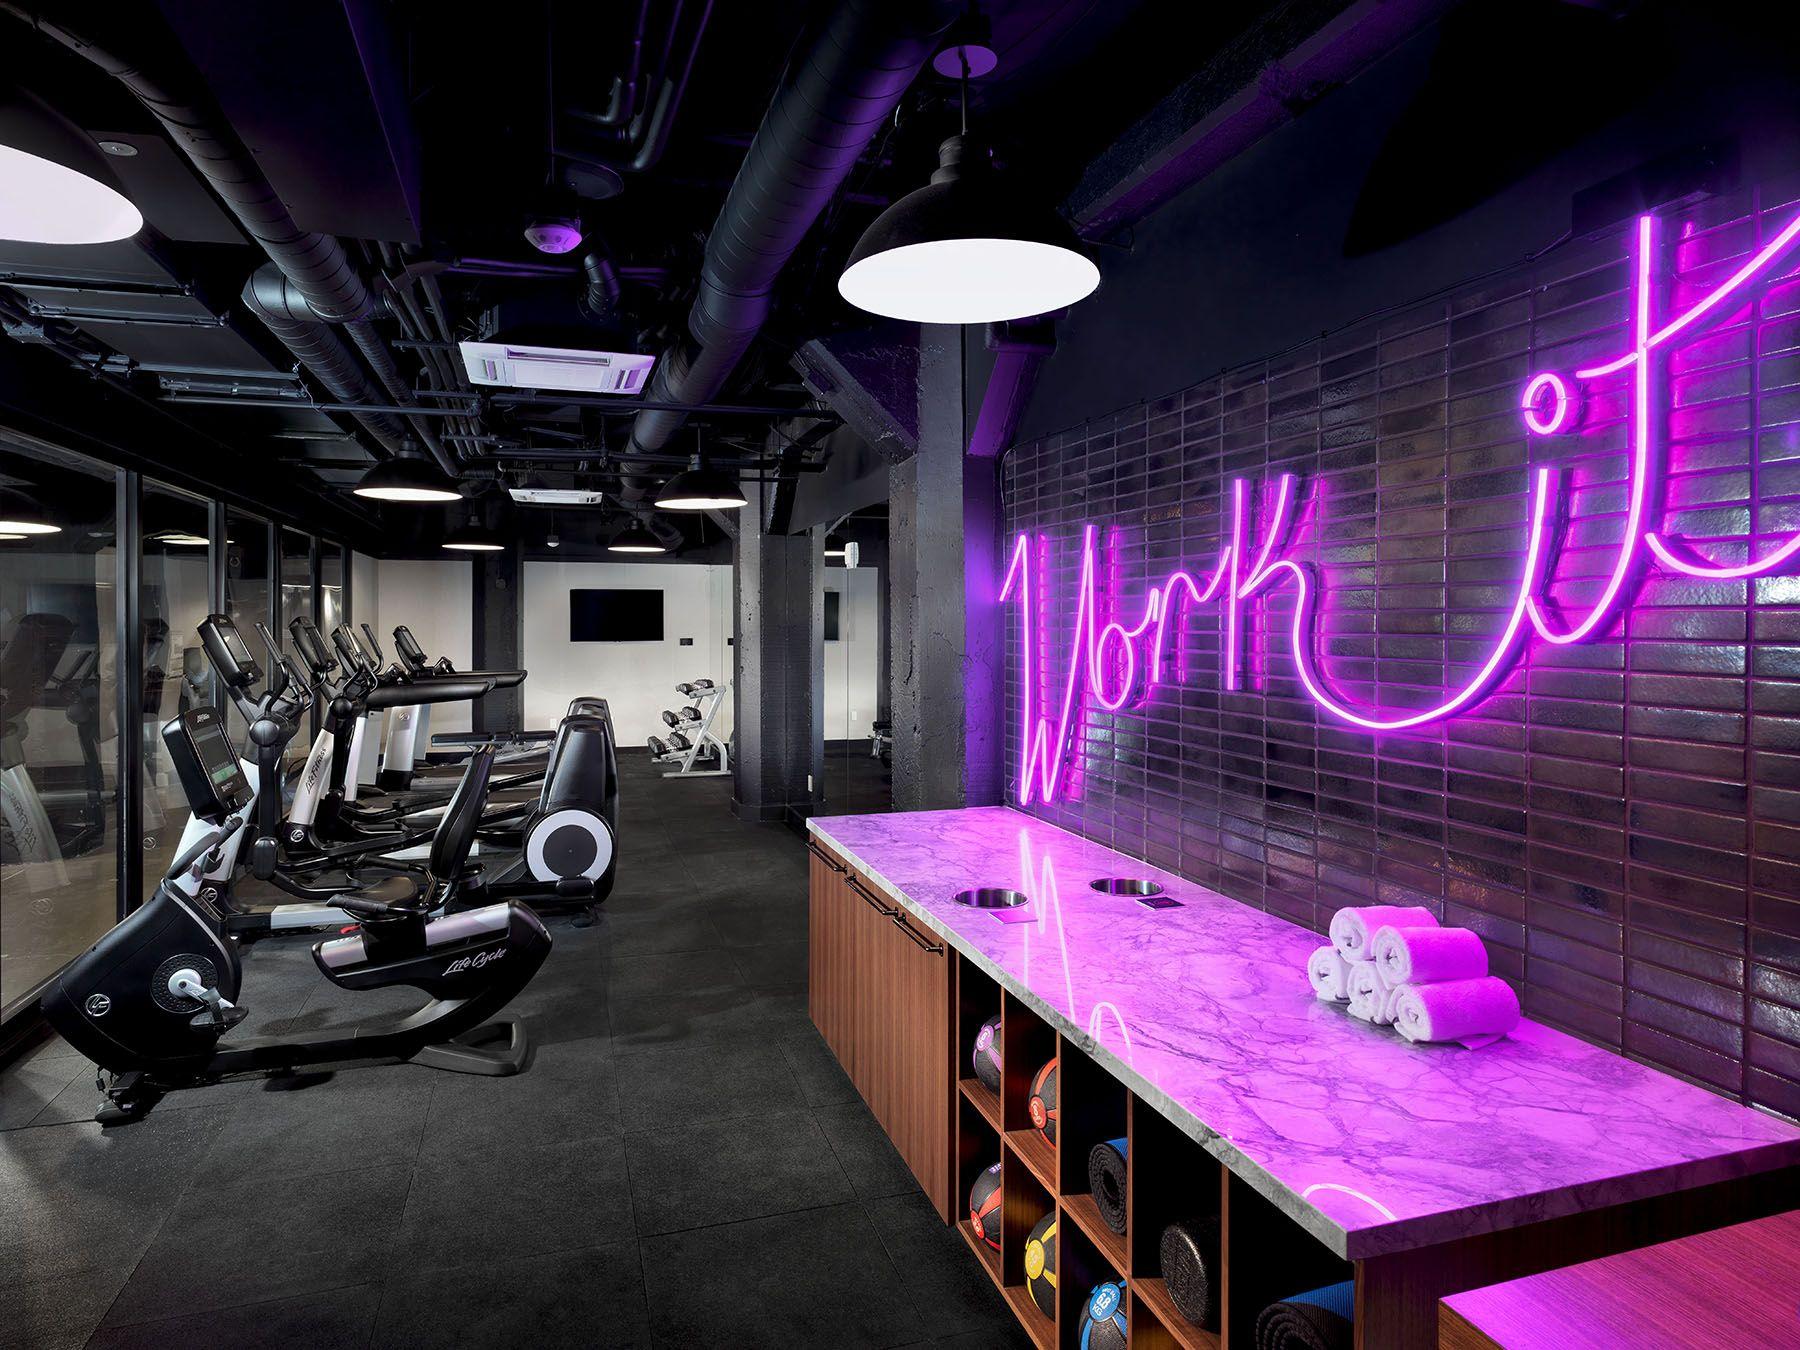 Axiom Hotel Gym Design Interior Gym Interior Gym Room